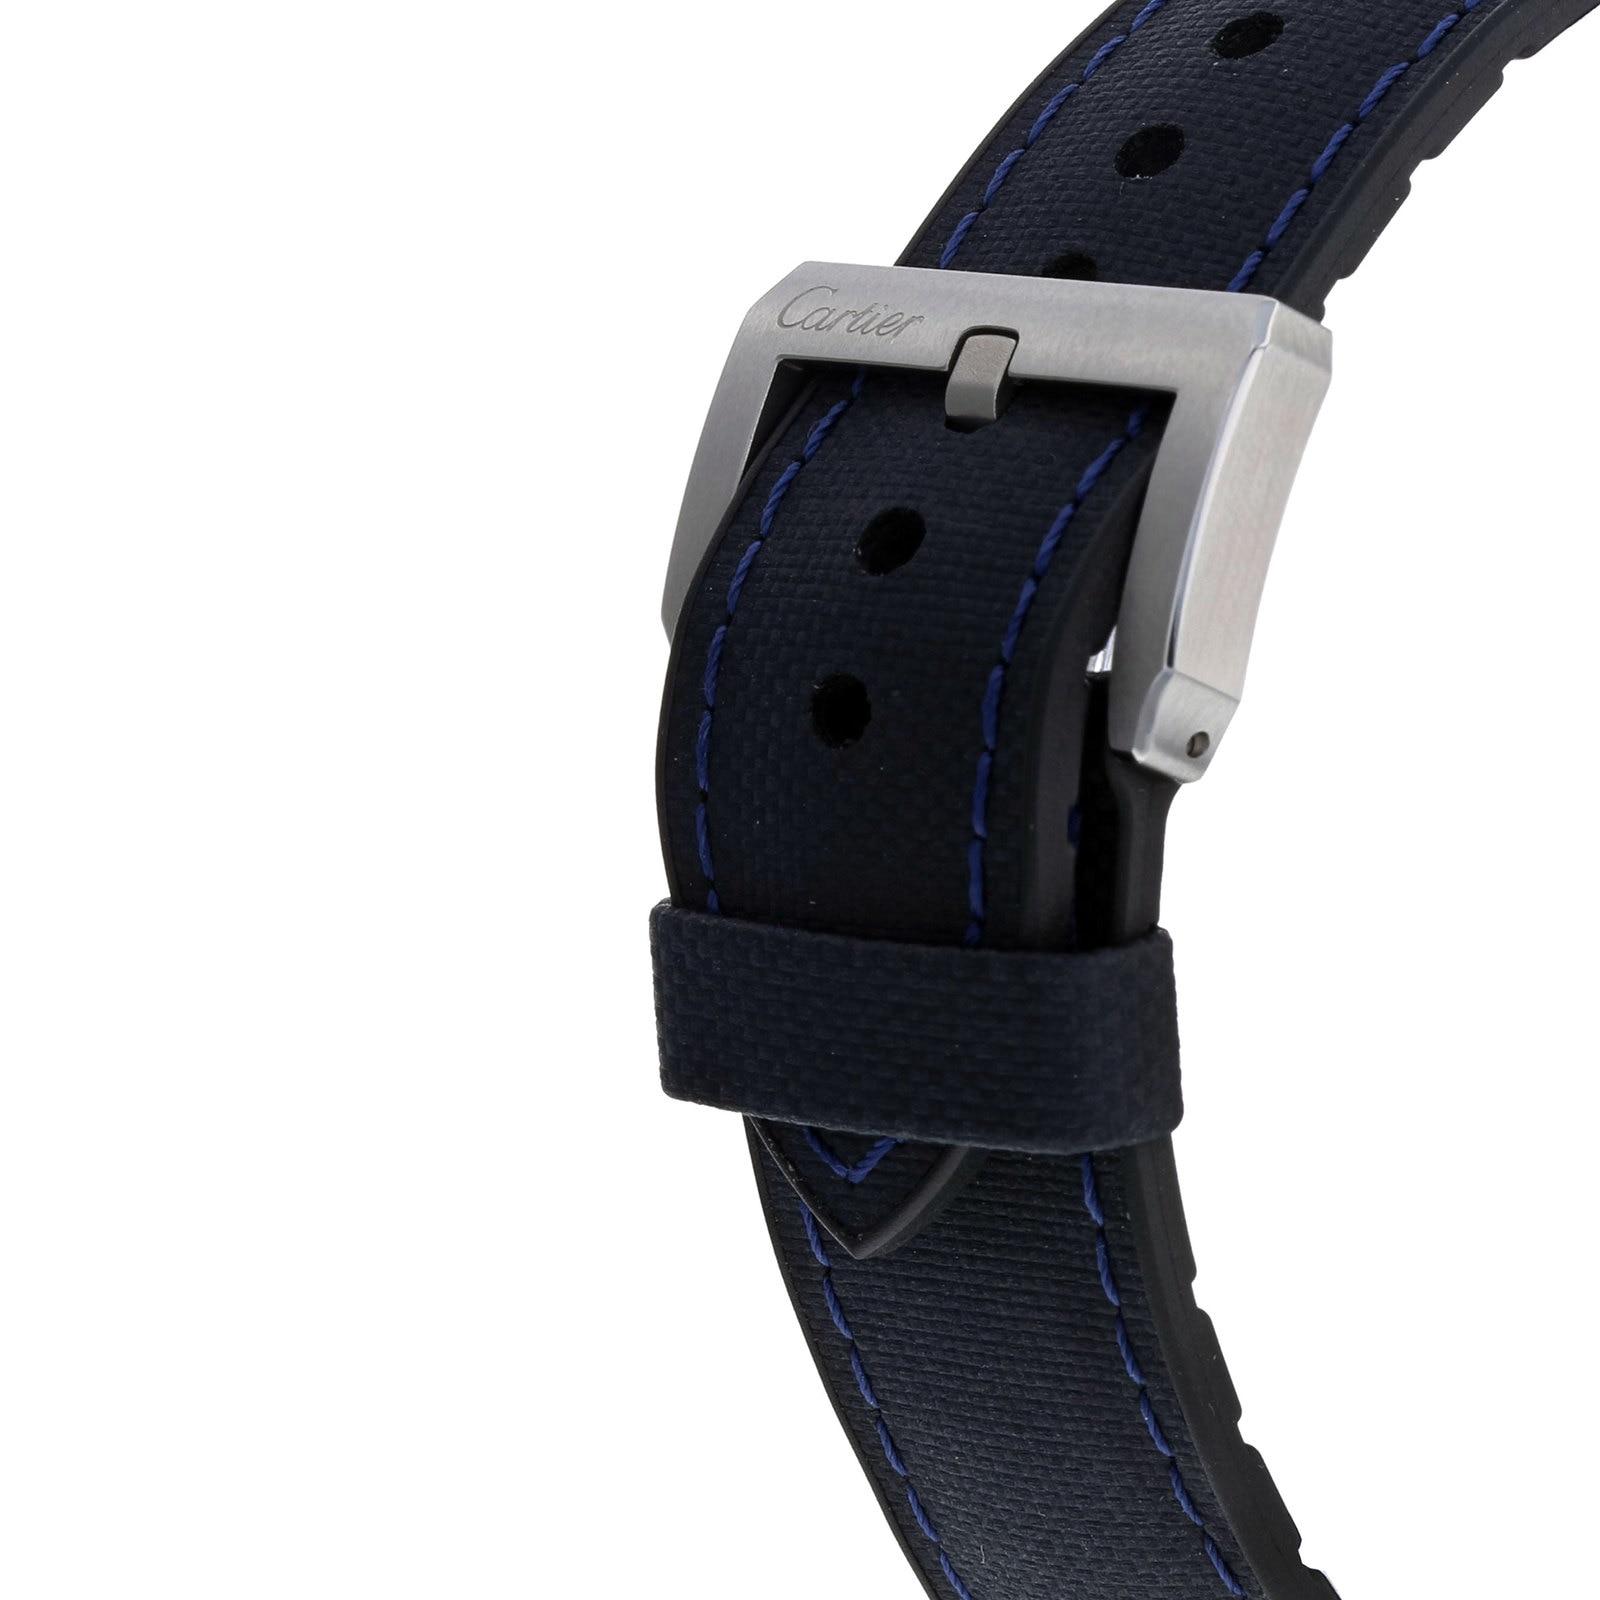 Cartier Calibre de Cartier Diver blue watch, 42 mm, steel, leather and rubber